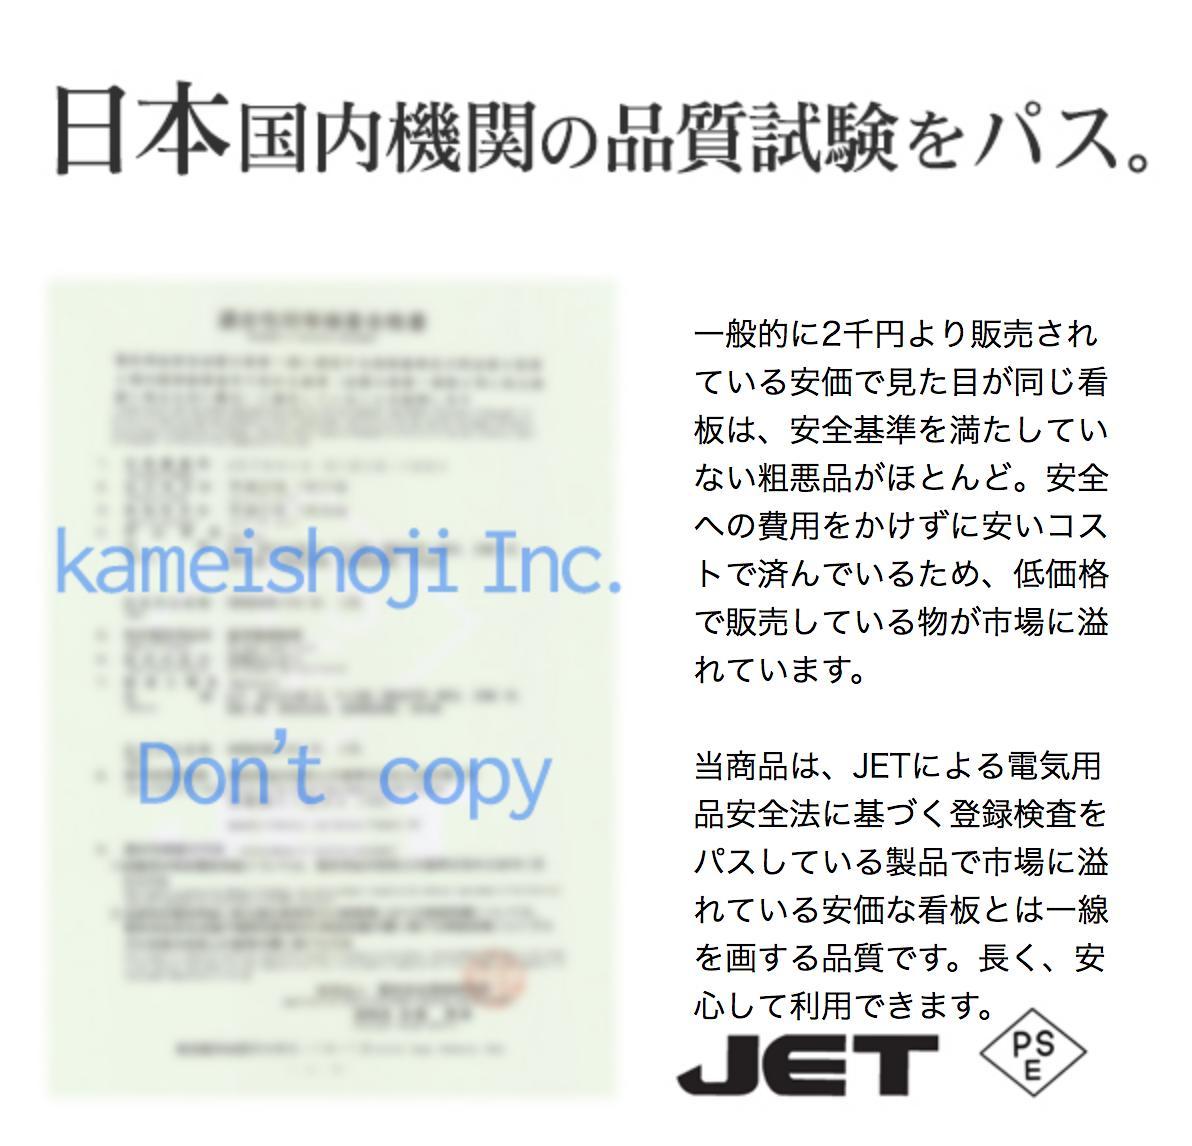 日本国内機関の品質試験パス。